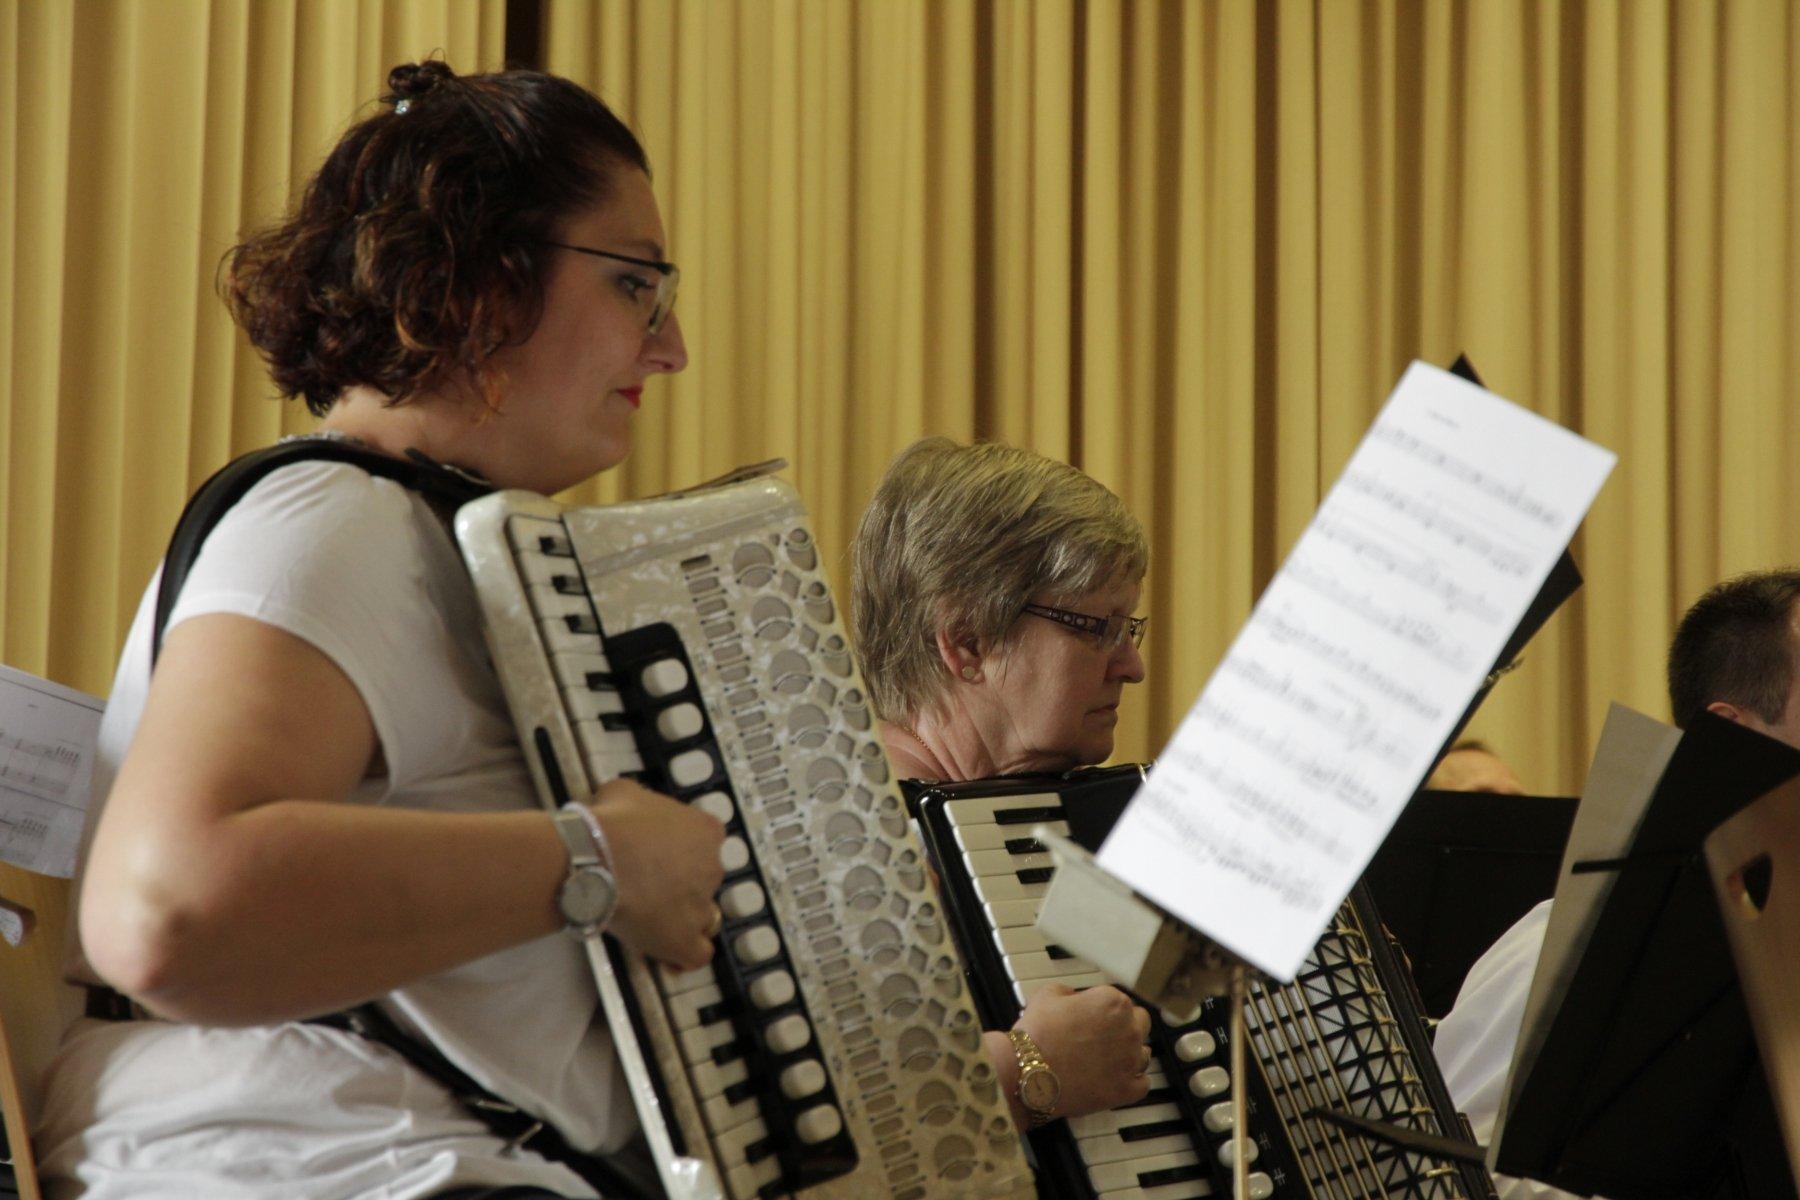 Heider Spielgruppe gab umjubeltes Jubiläumskonzert